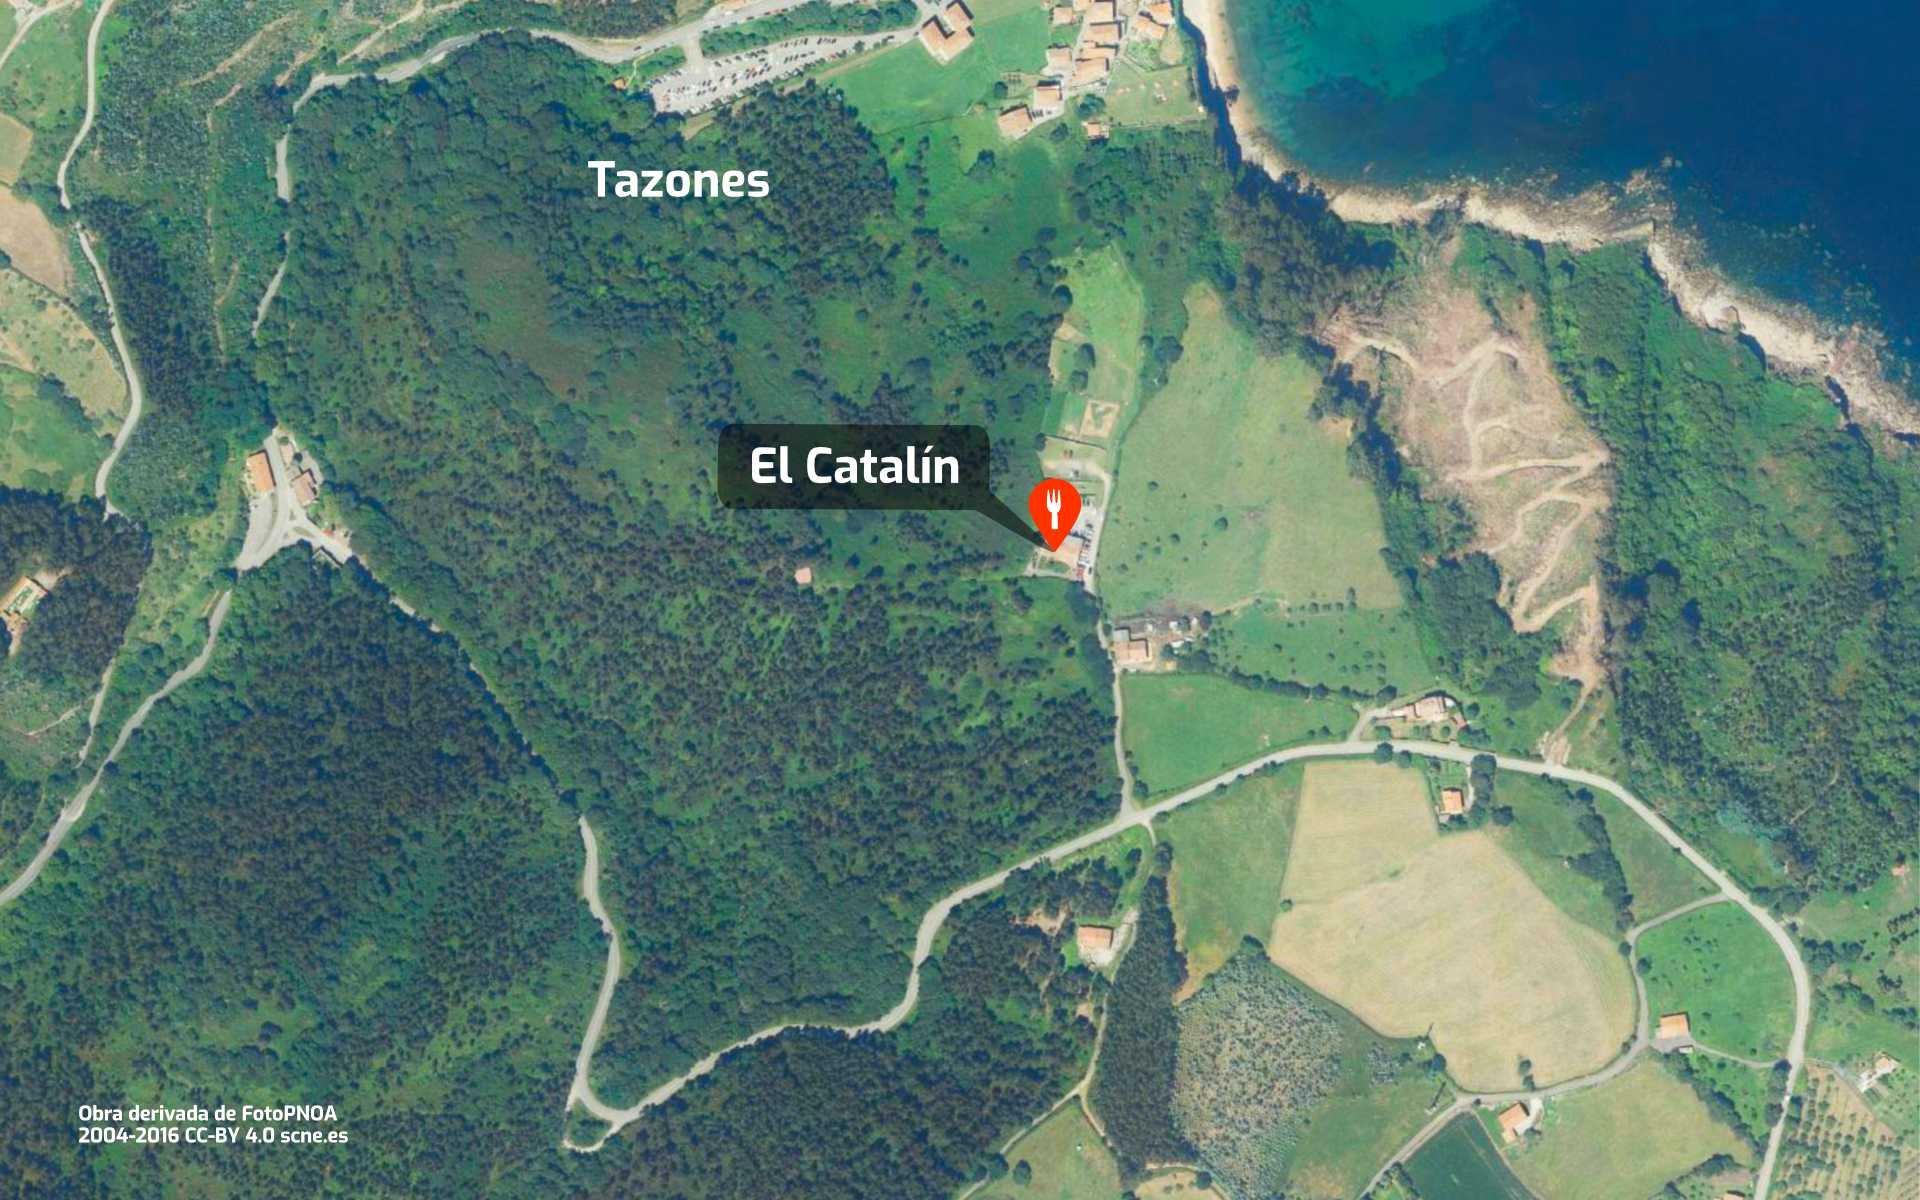 Mapa de cómo llegar al restaurante El Catalín en Tazones, Asturias.